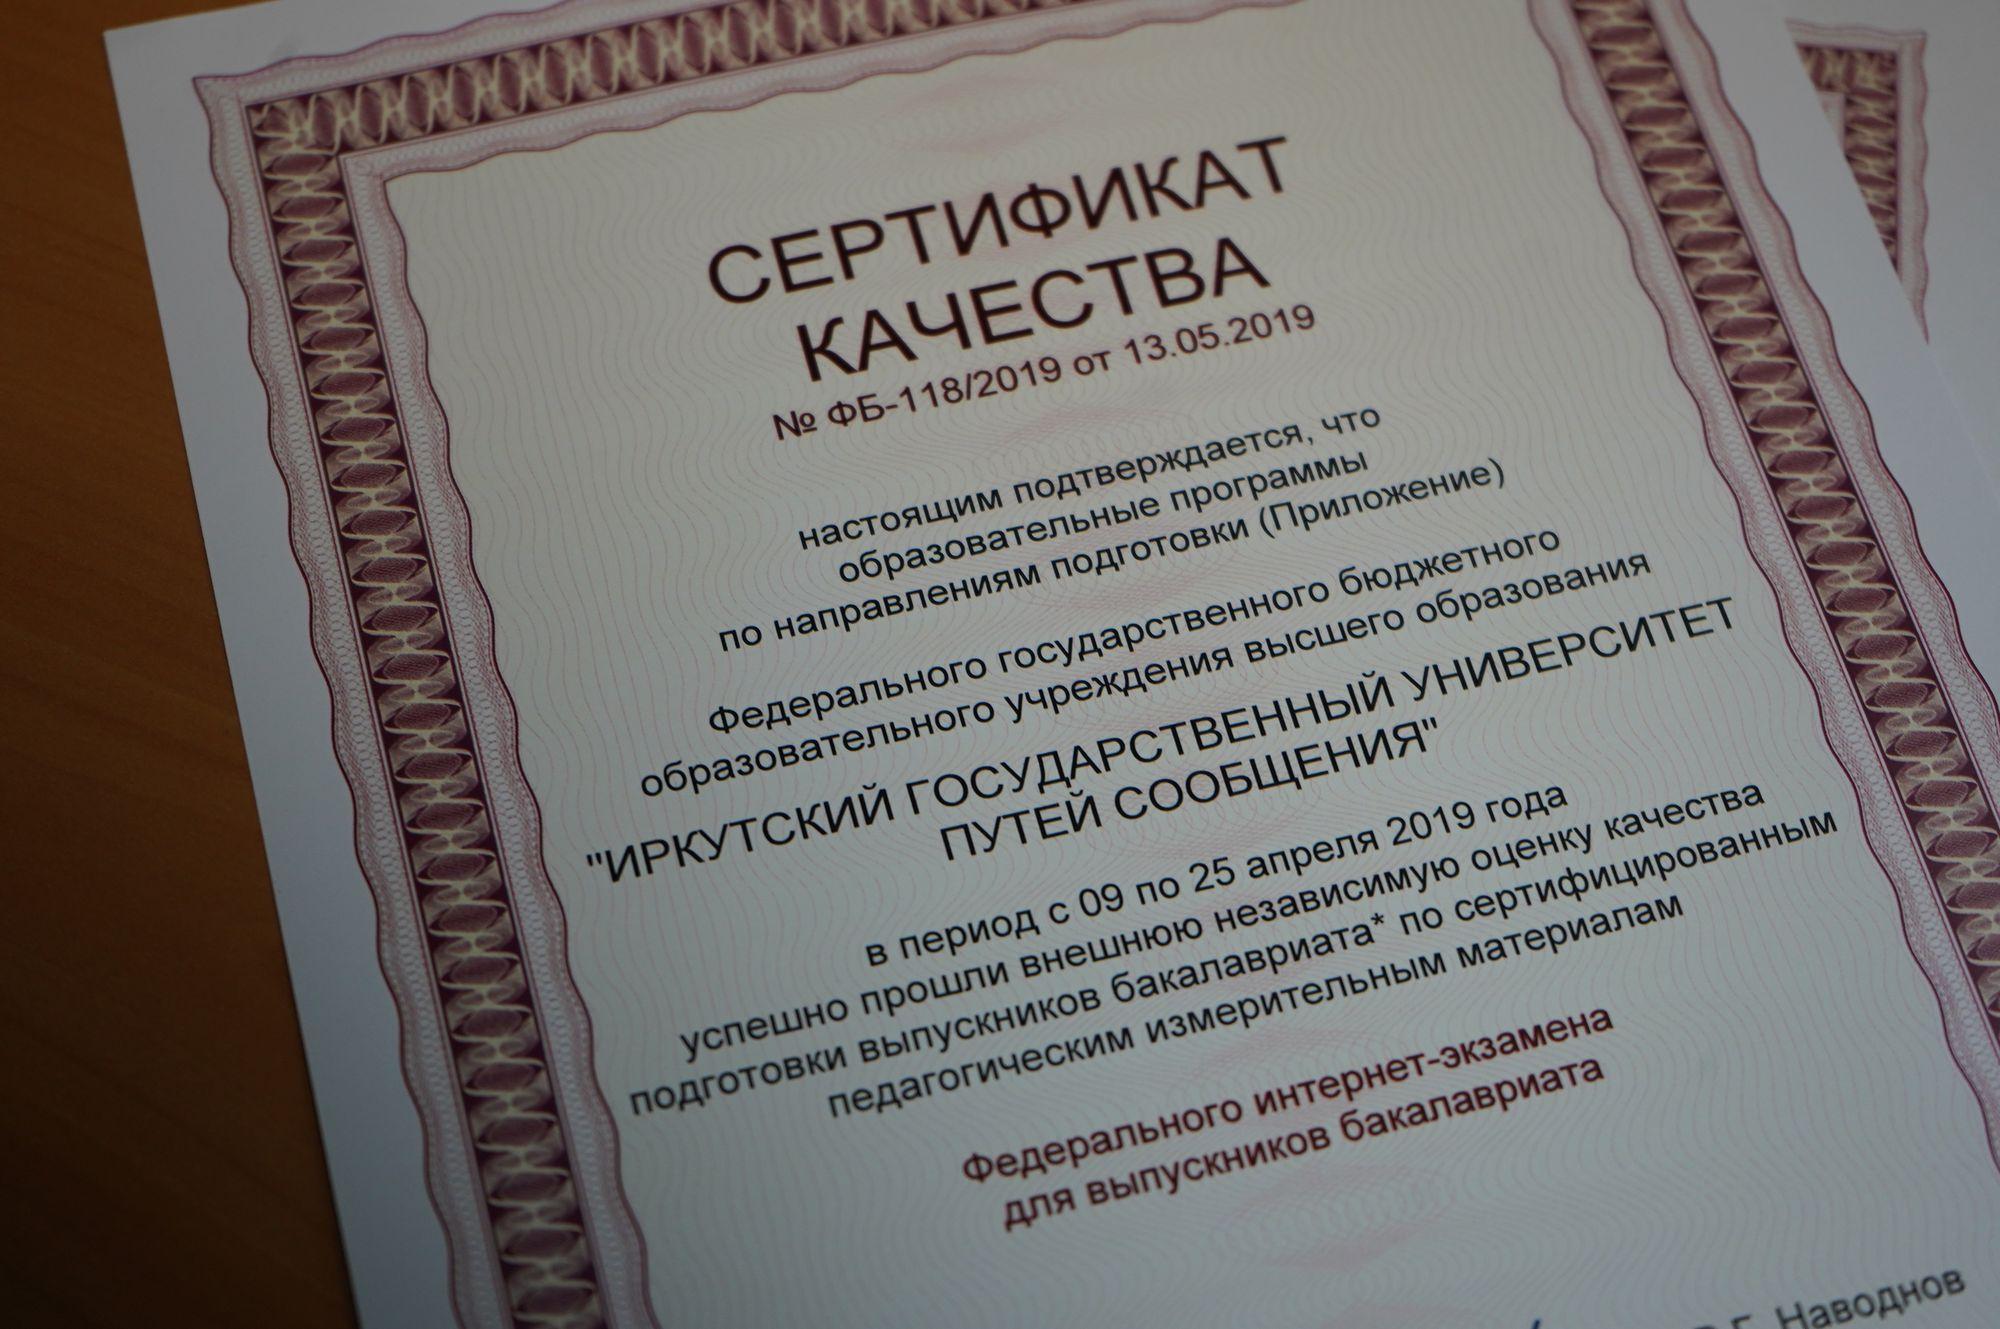 Образовательные программы ИрГУПС получили сертификат качества Национального аккредитационного совета